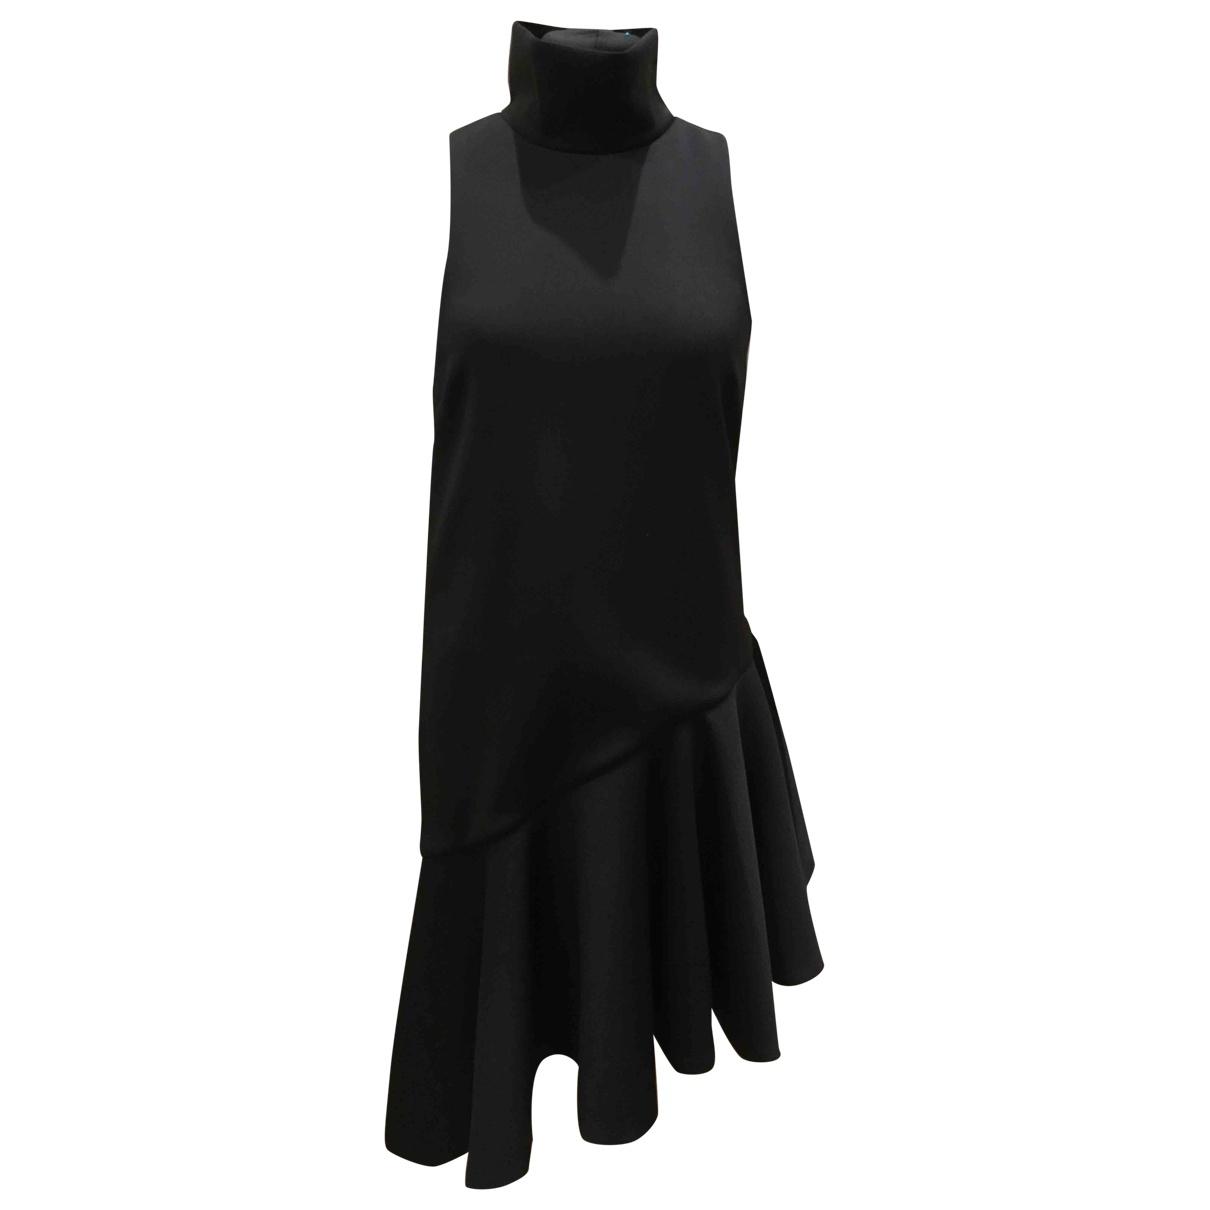 C/meo \N Kleid in  Schwarz Polyester